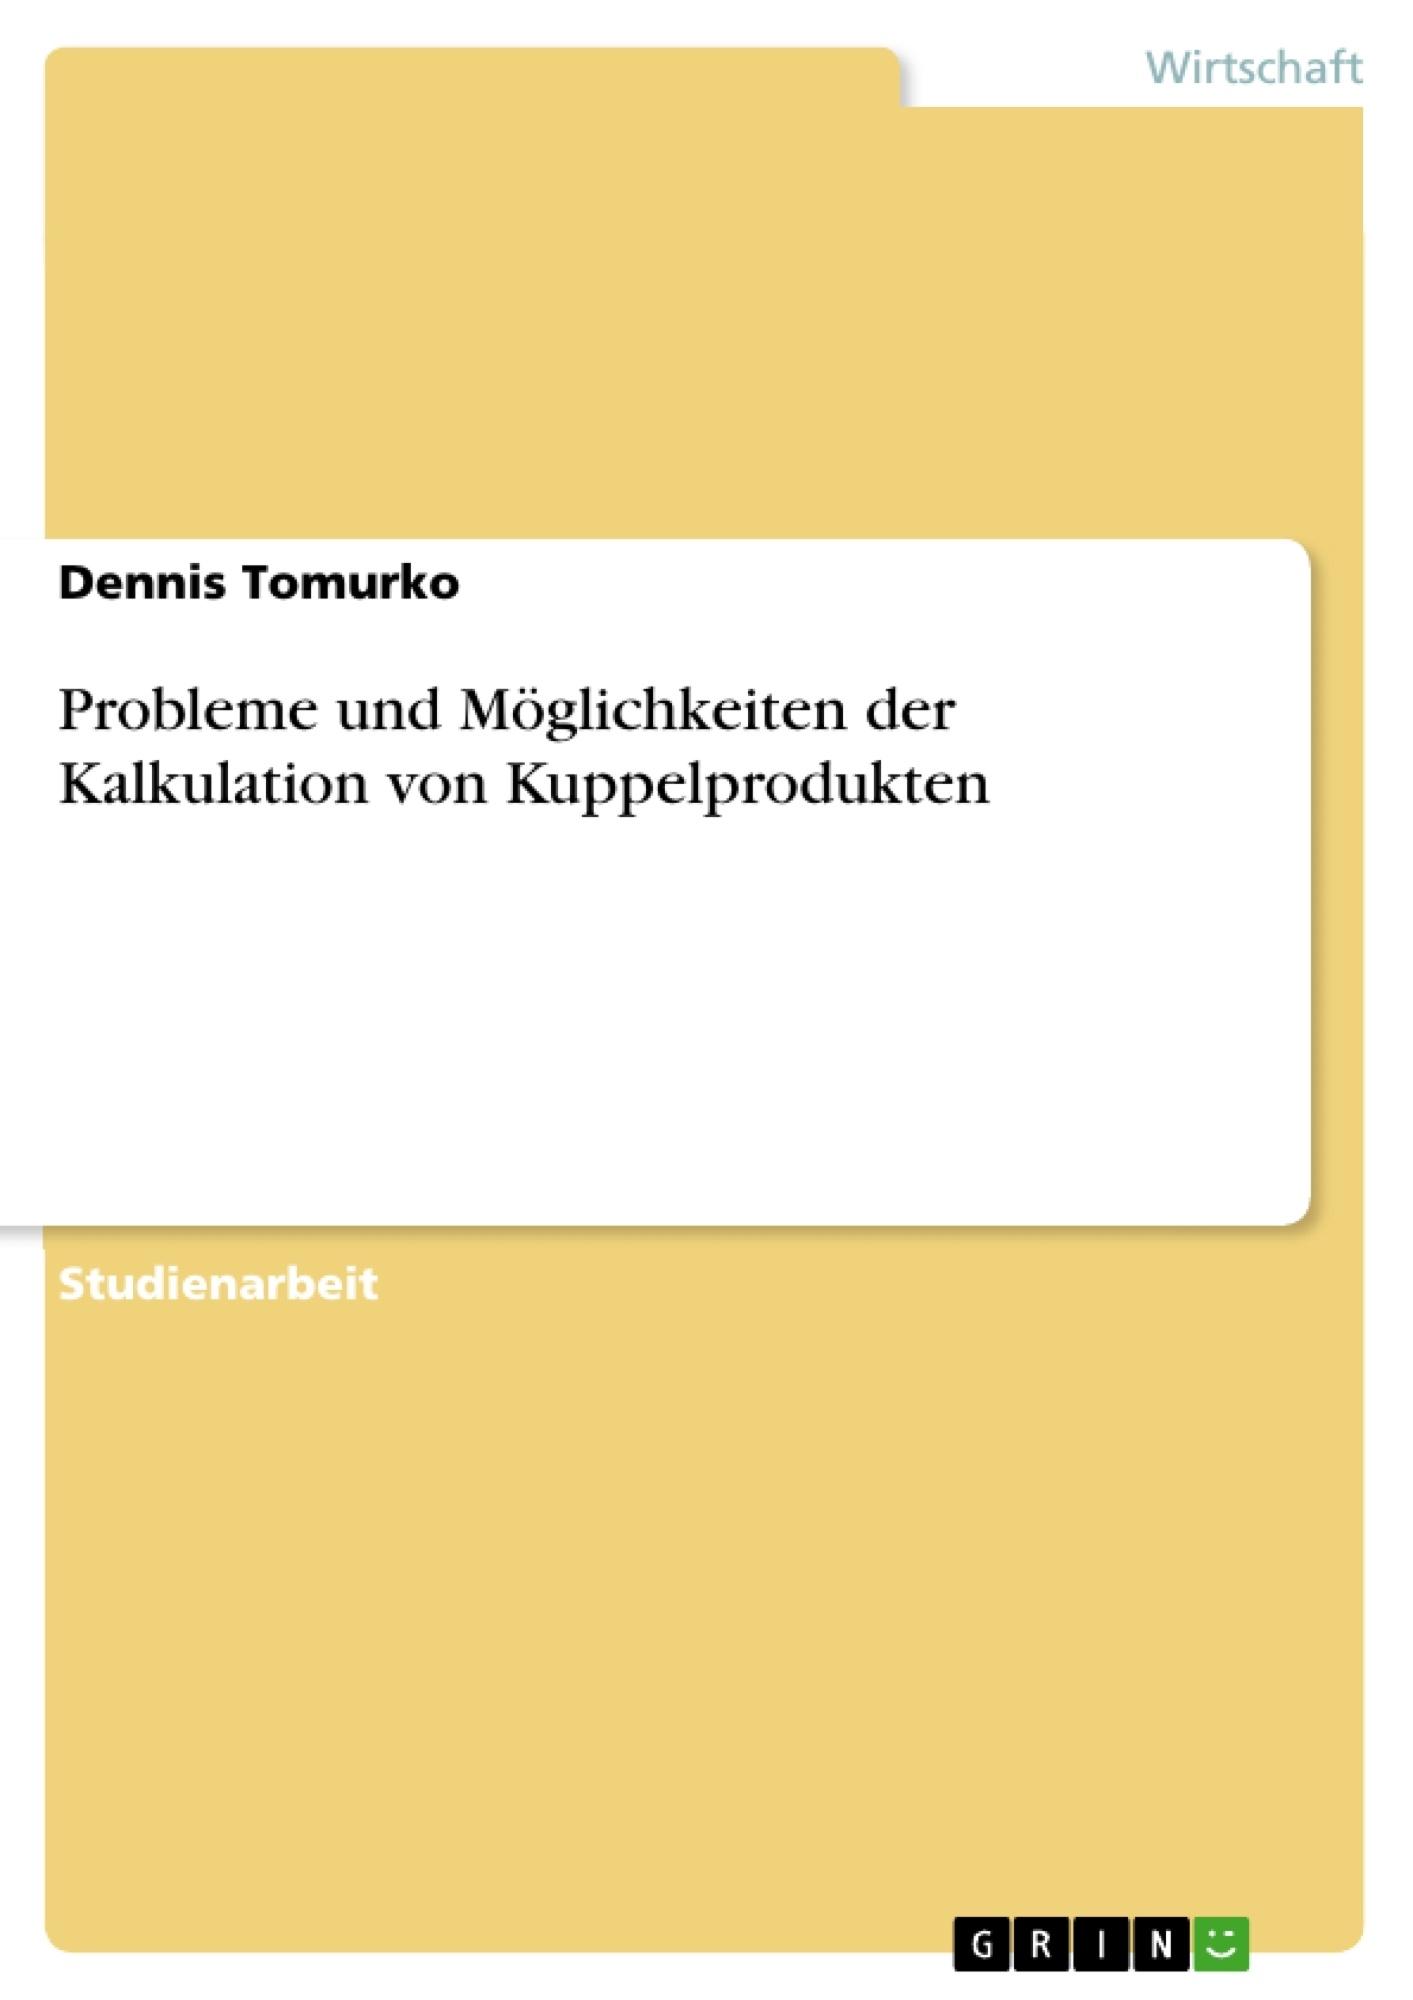 Titel: Probleme und Möglichkeiten der Kalkulation von Kuppelprodukten